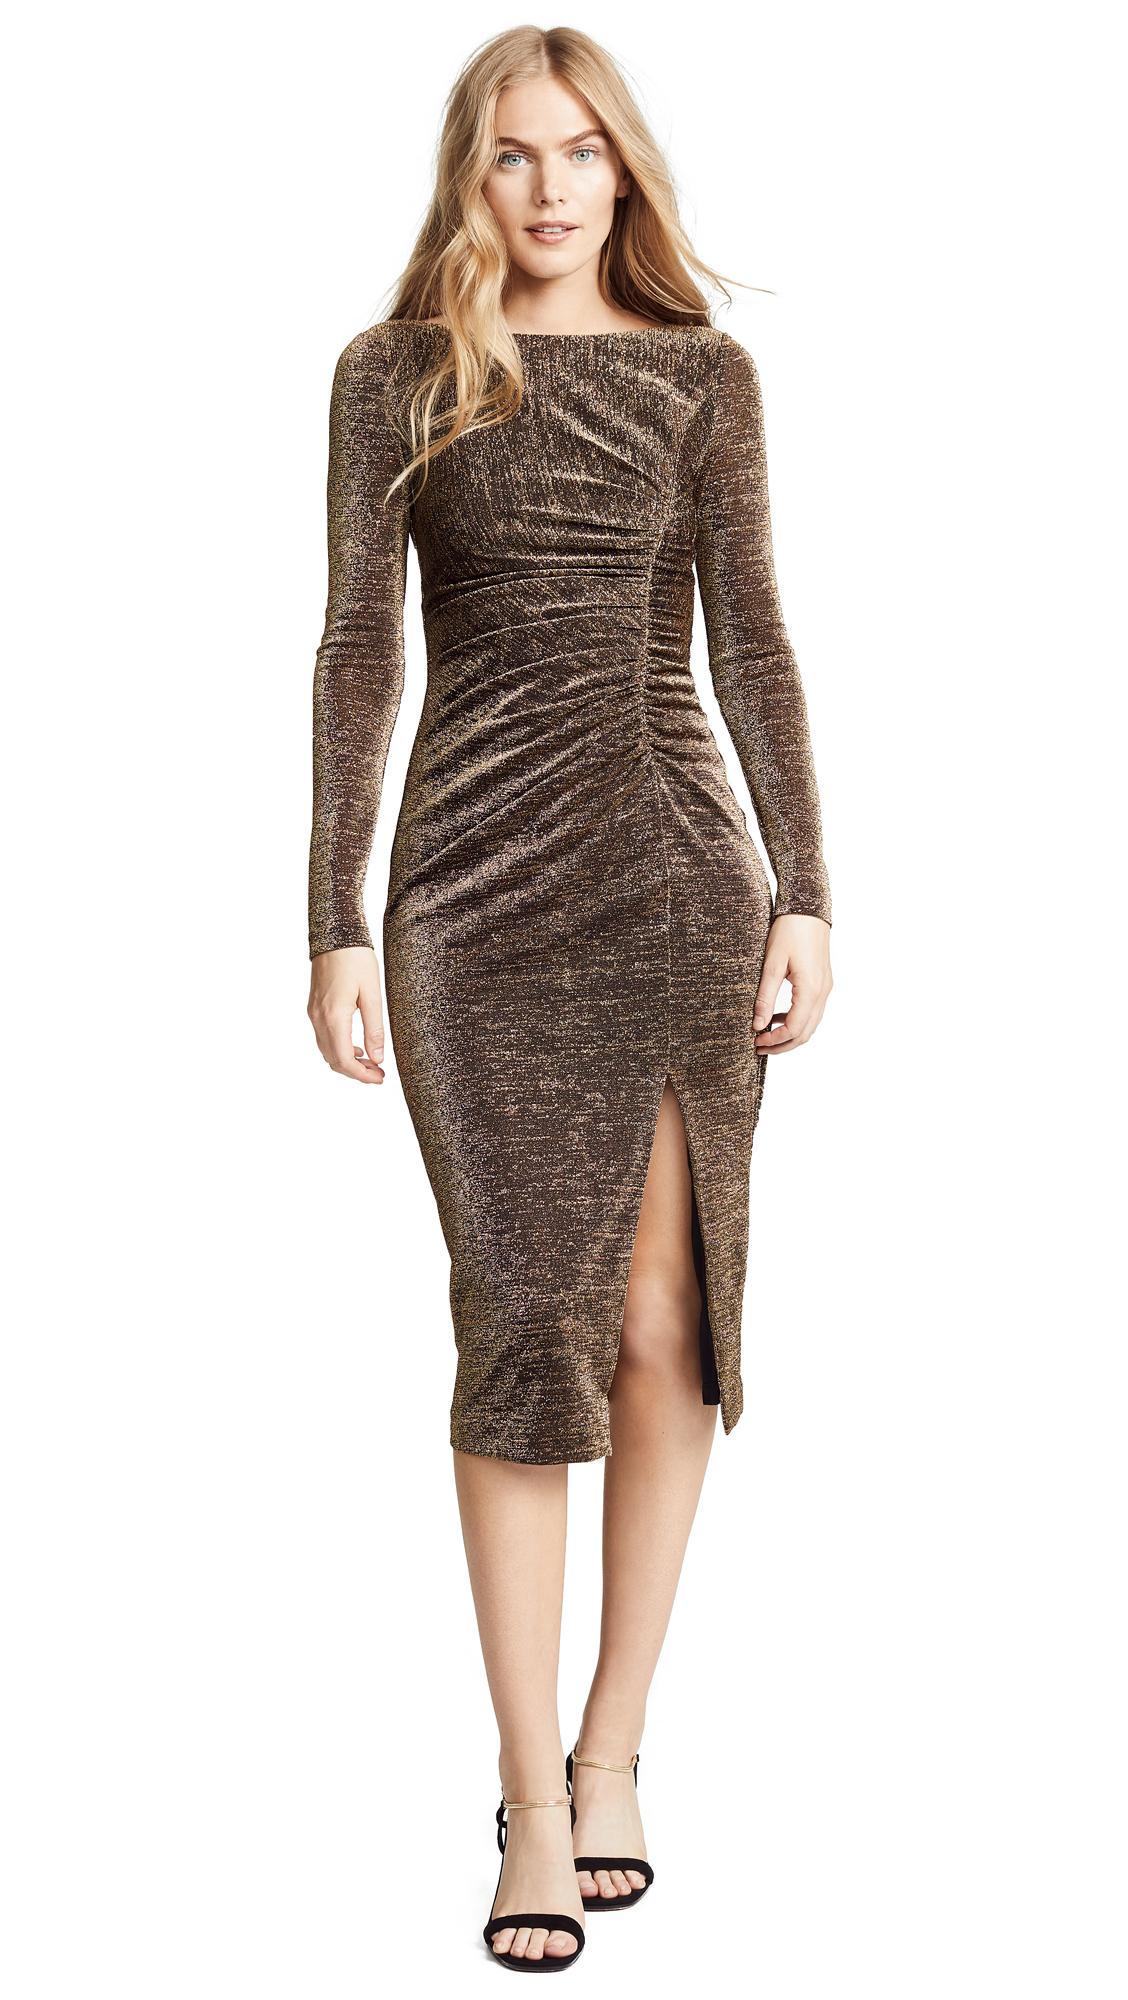 Rachel Zoe Lovey Dress - Black/Gold